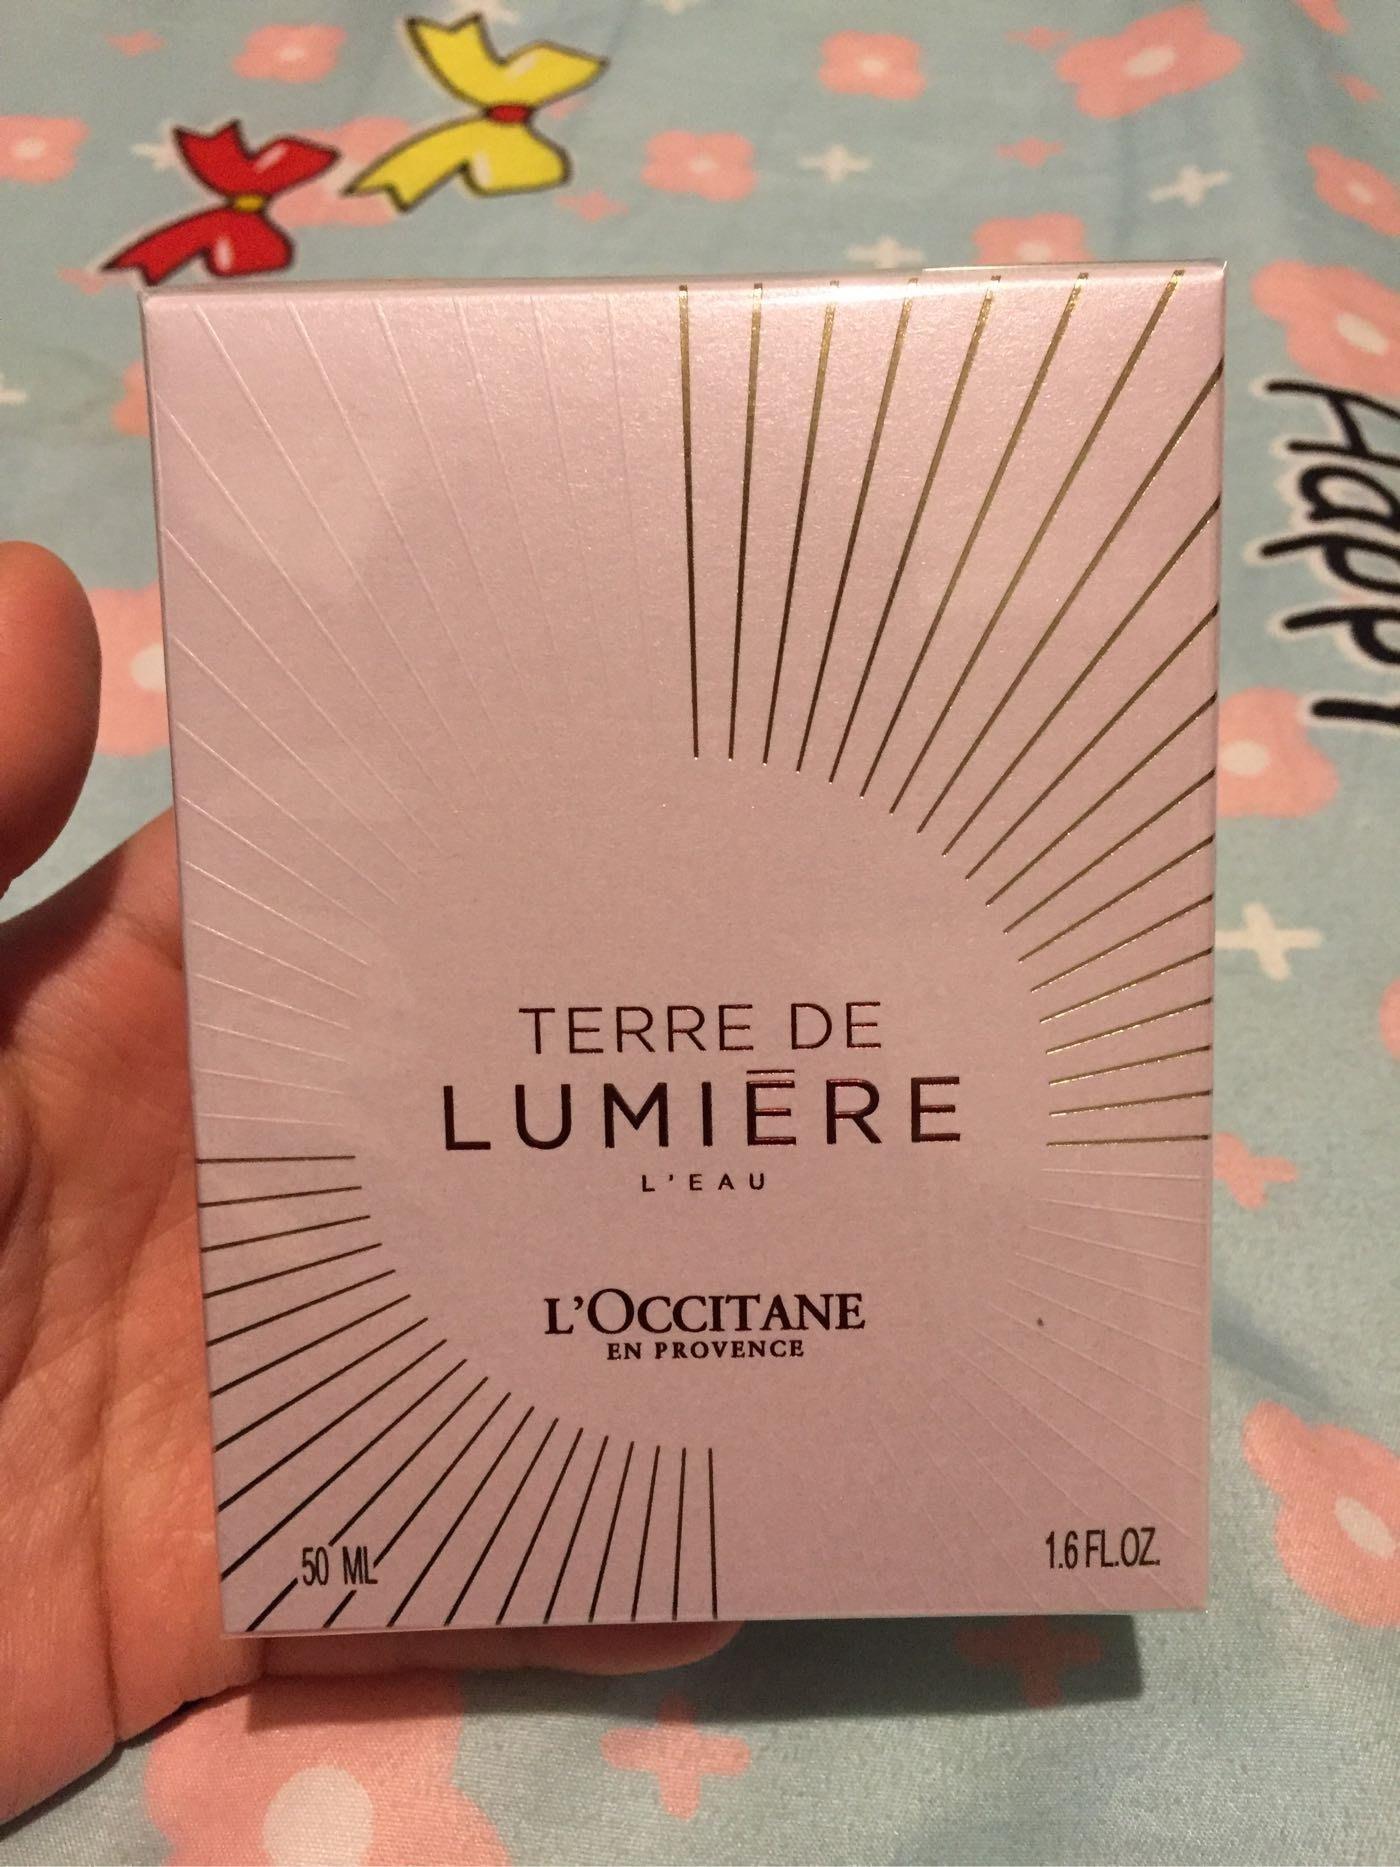 歐舒丹 促銷商品 純境之光淡香水 50ml